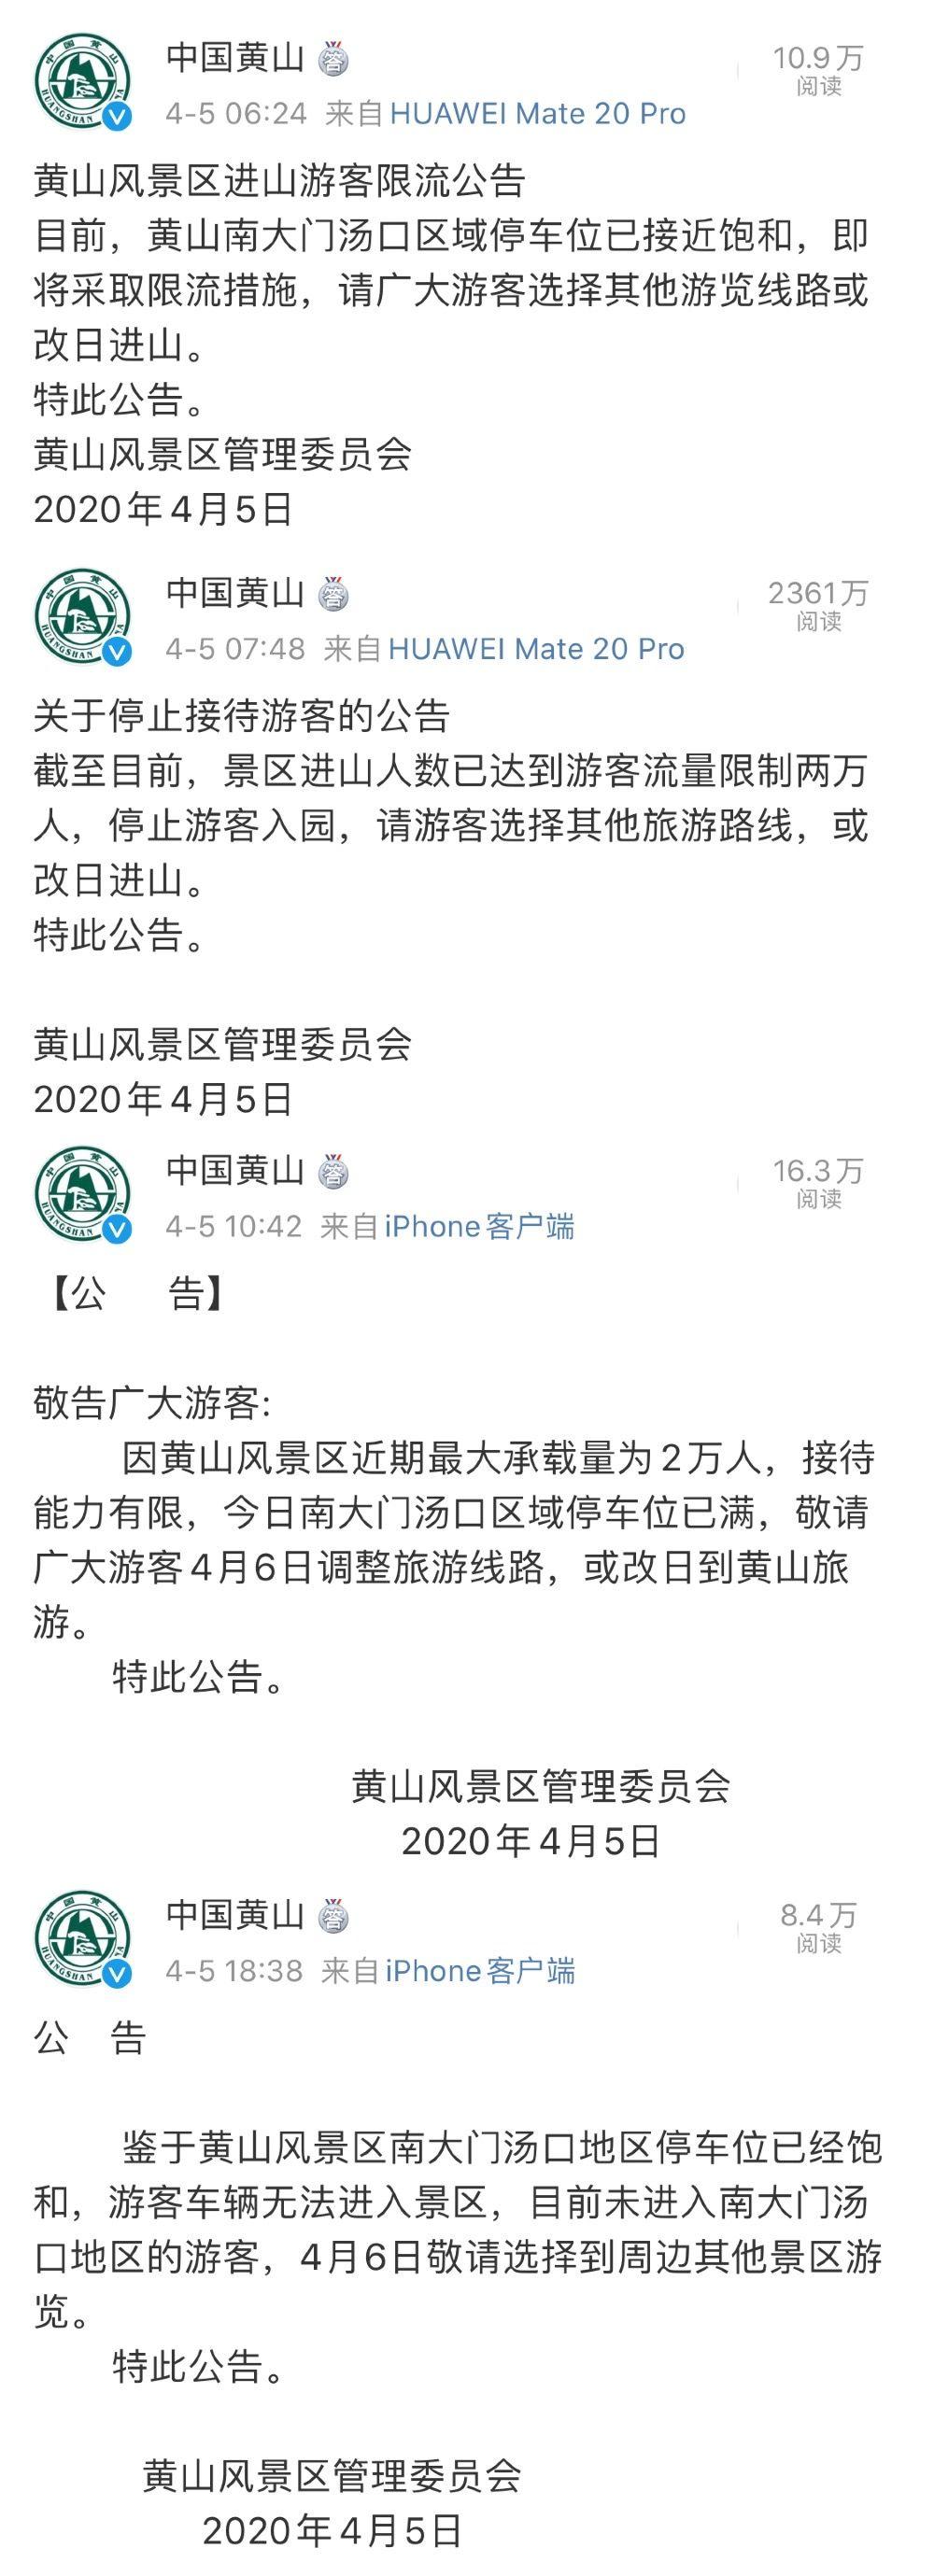 图/中国黄山微博截图